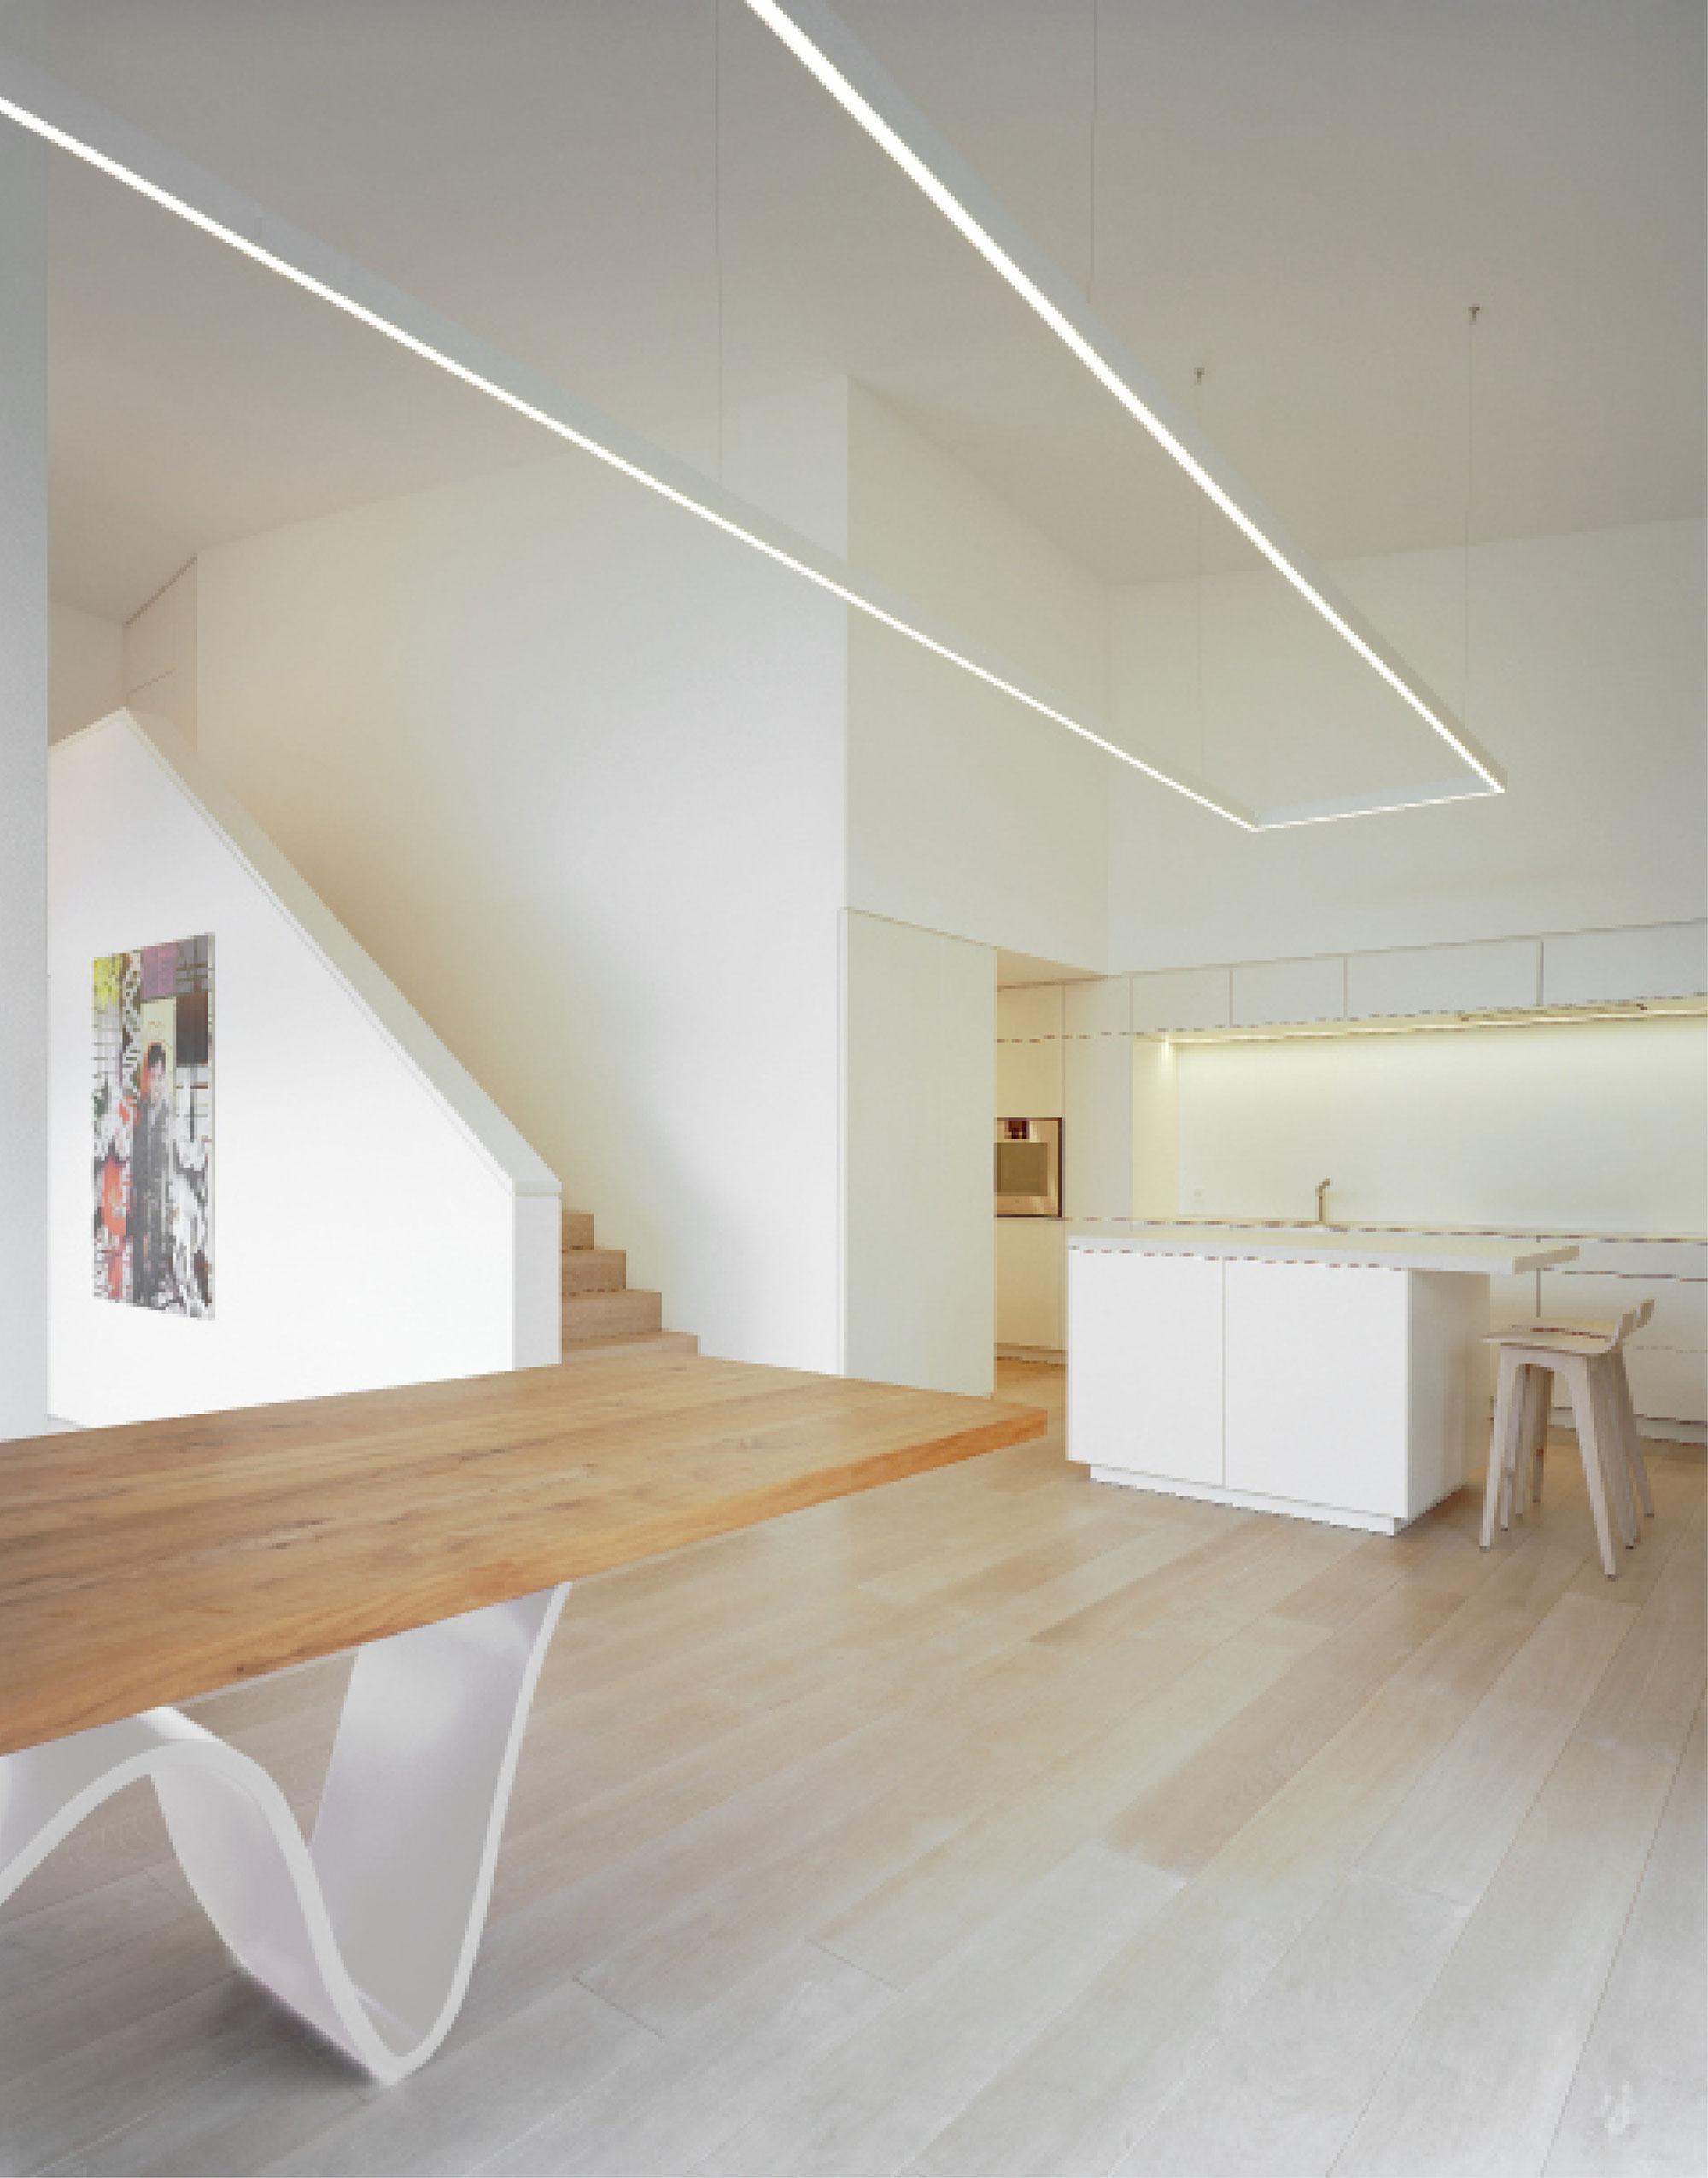 S3 City Home in Tübingen by Steimle Architekten-15